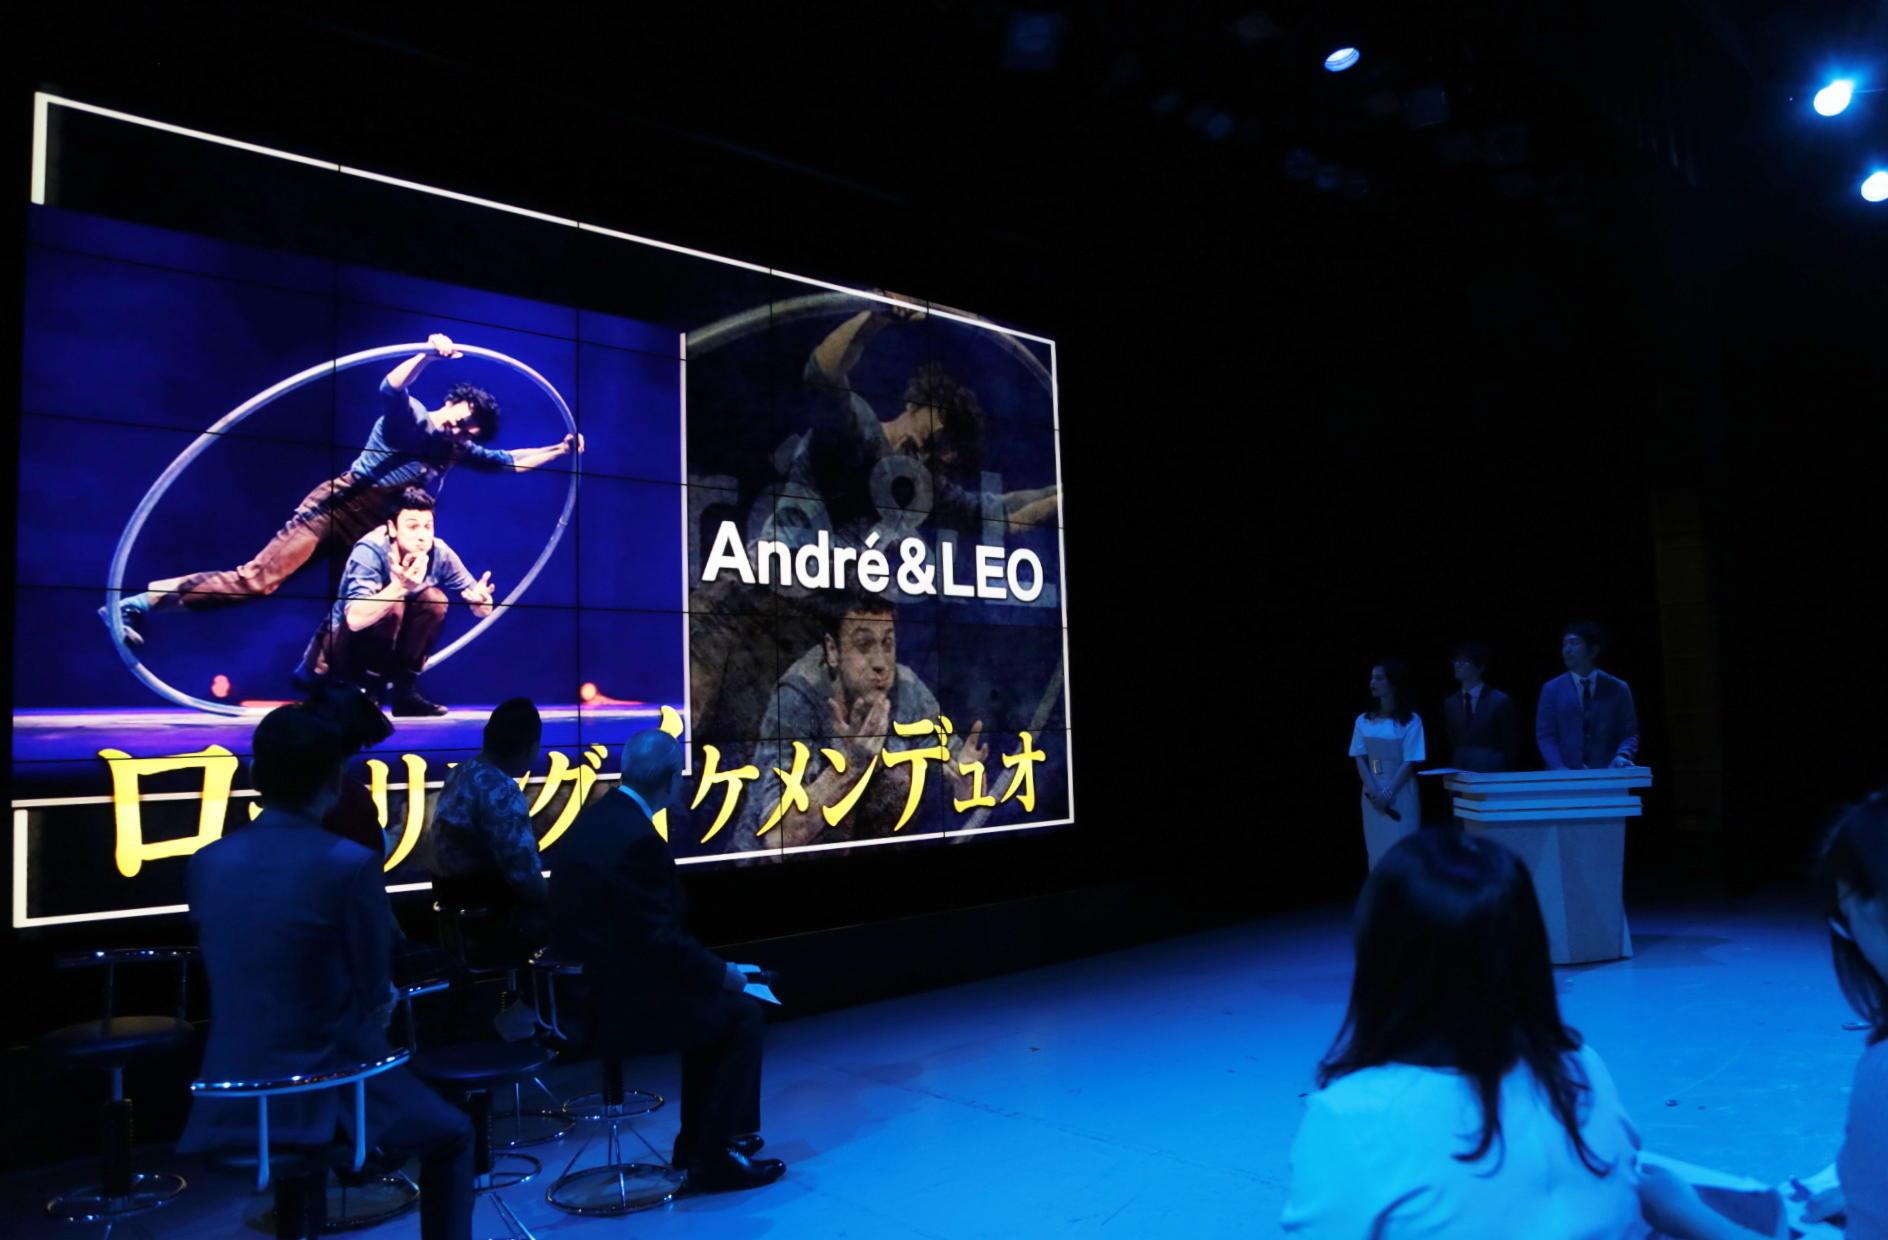 http://news.yoshimoto.co.jp/20180417124914-5f34923b5e7f89c1e583547e76d5300e84c536c6.jpg